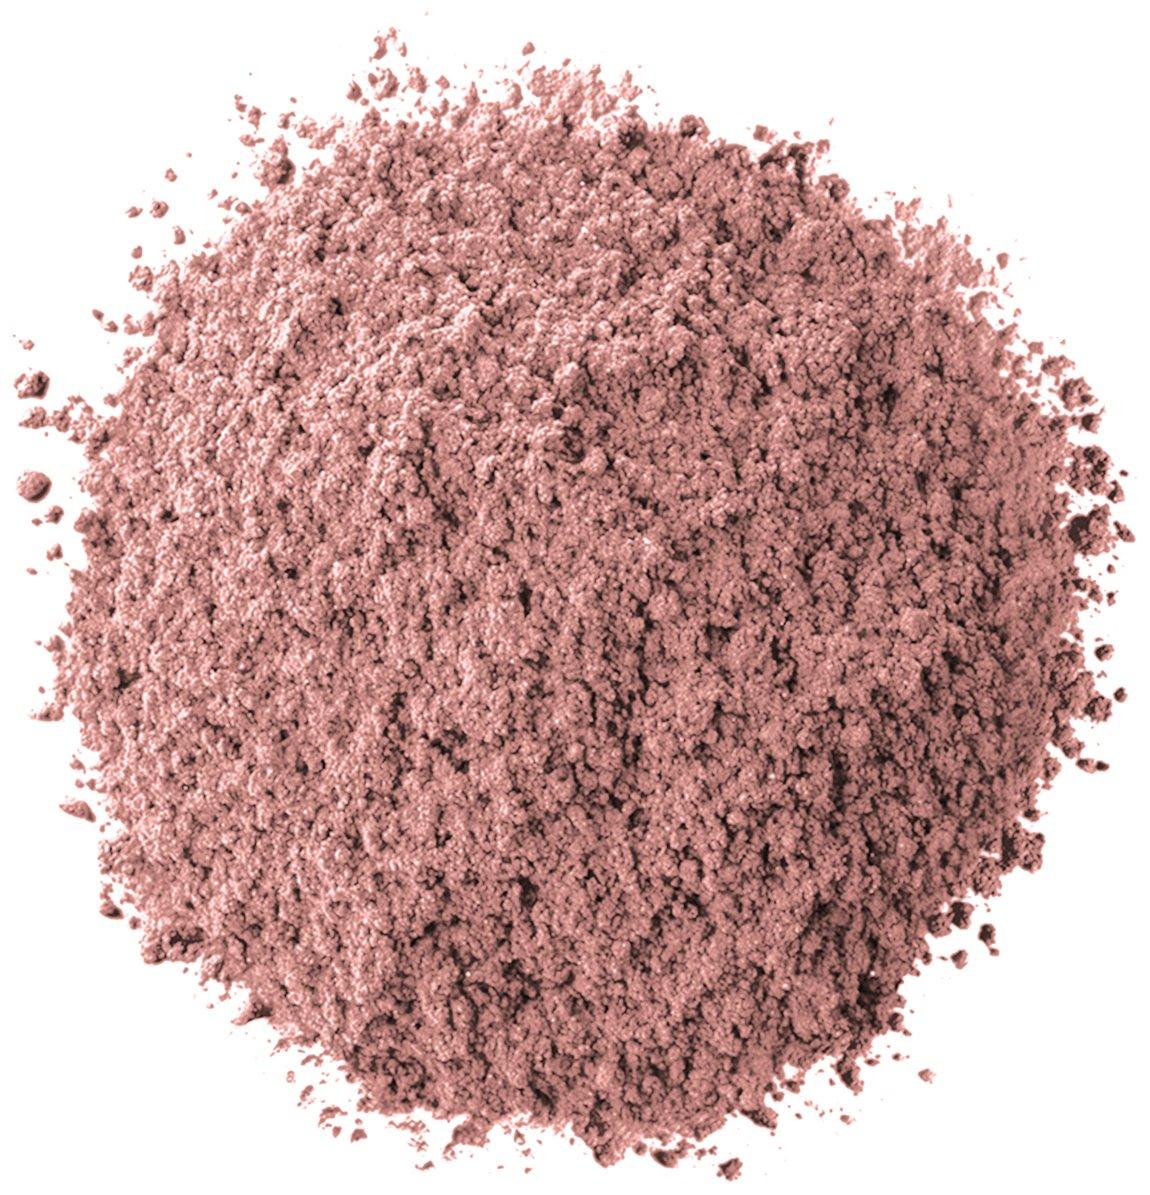 L'Oréal Paris Makeup True Match Loose Powder Natural Mineral Blush, Soft Rose, 0.15 oz. by L'Oreal Paris (Image #2)